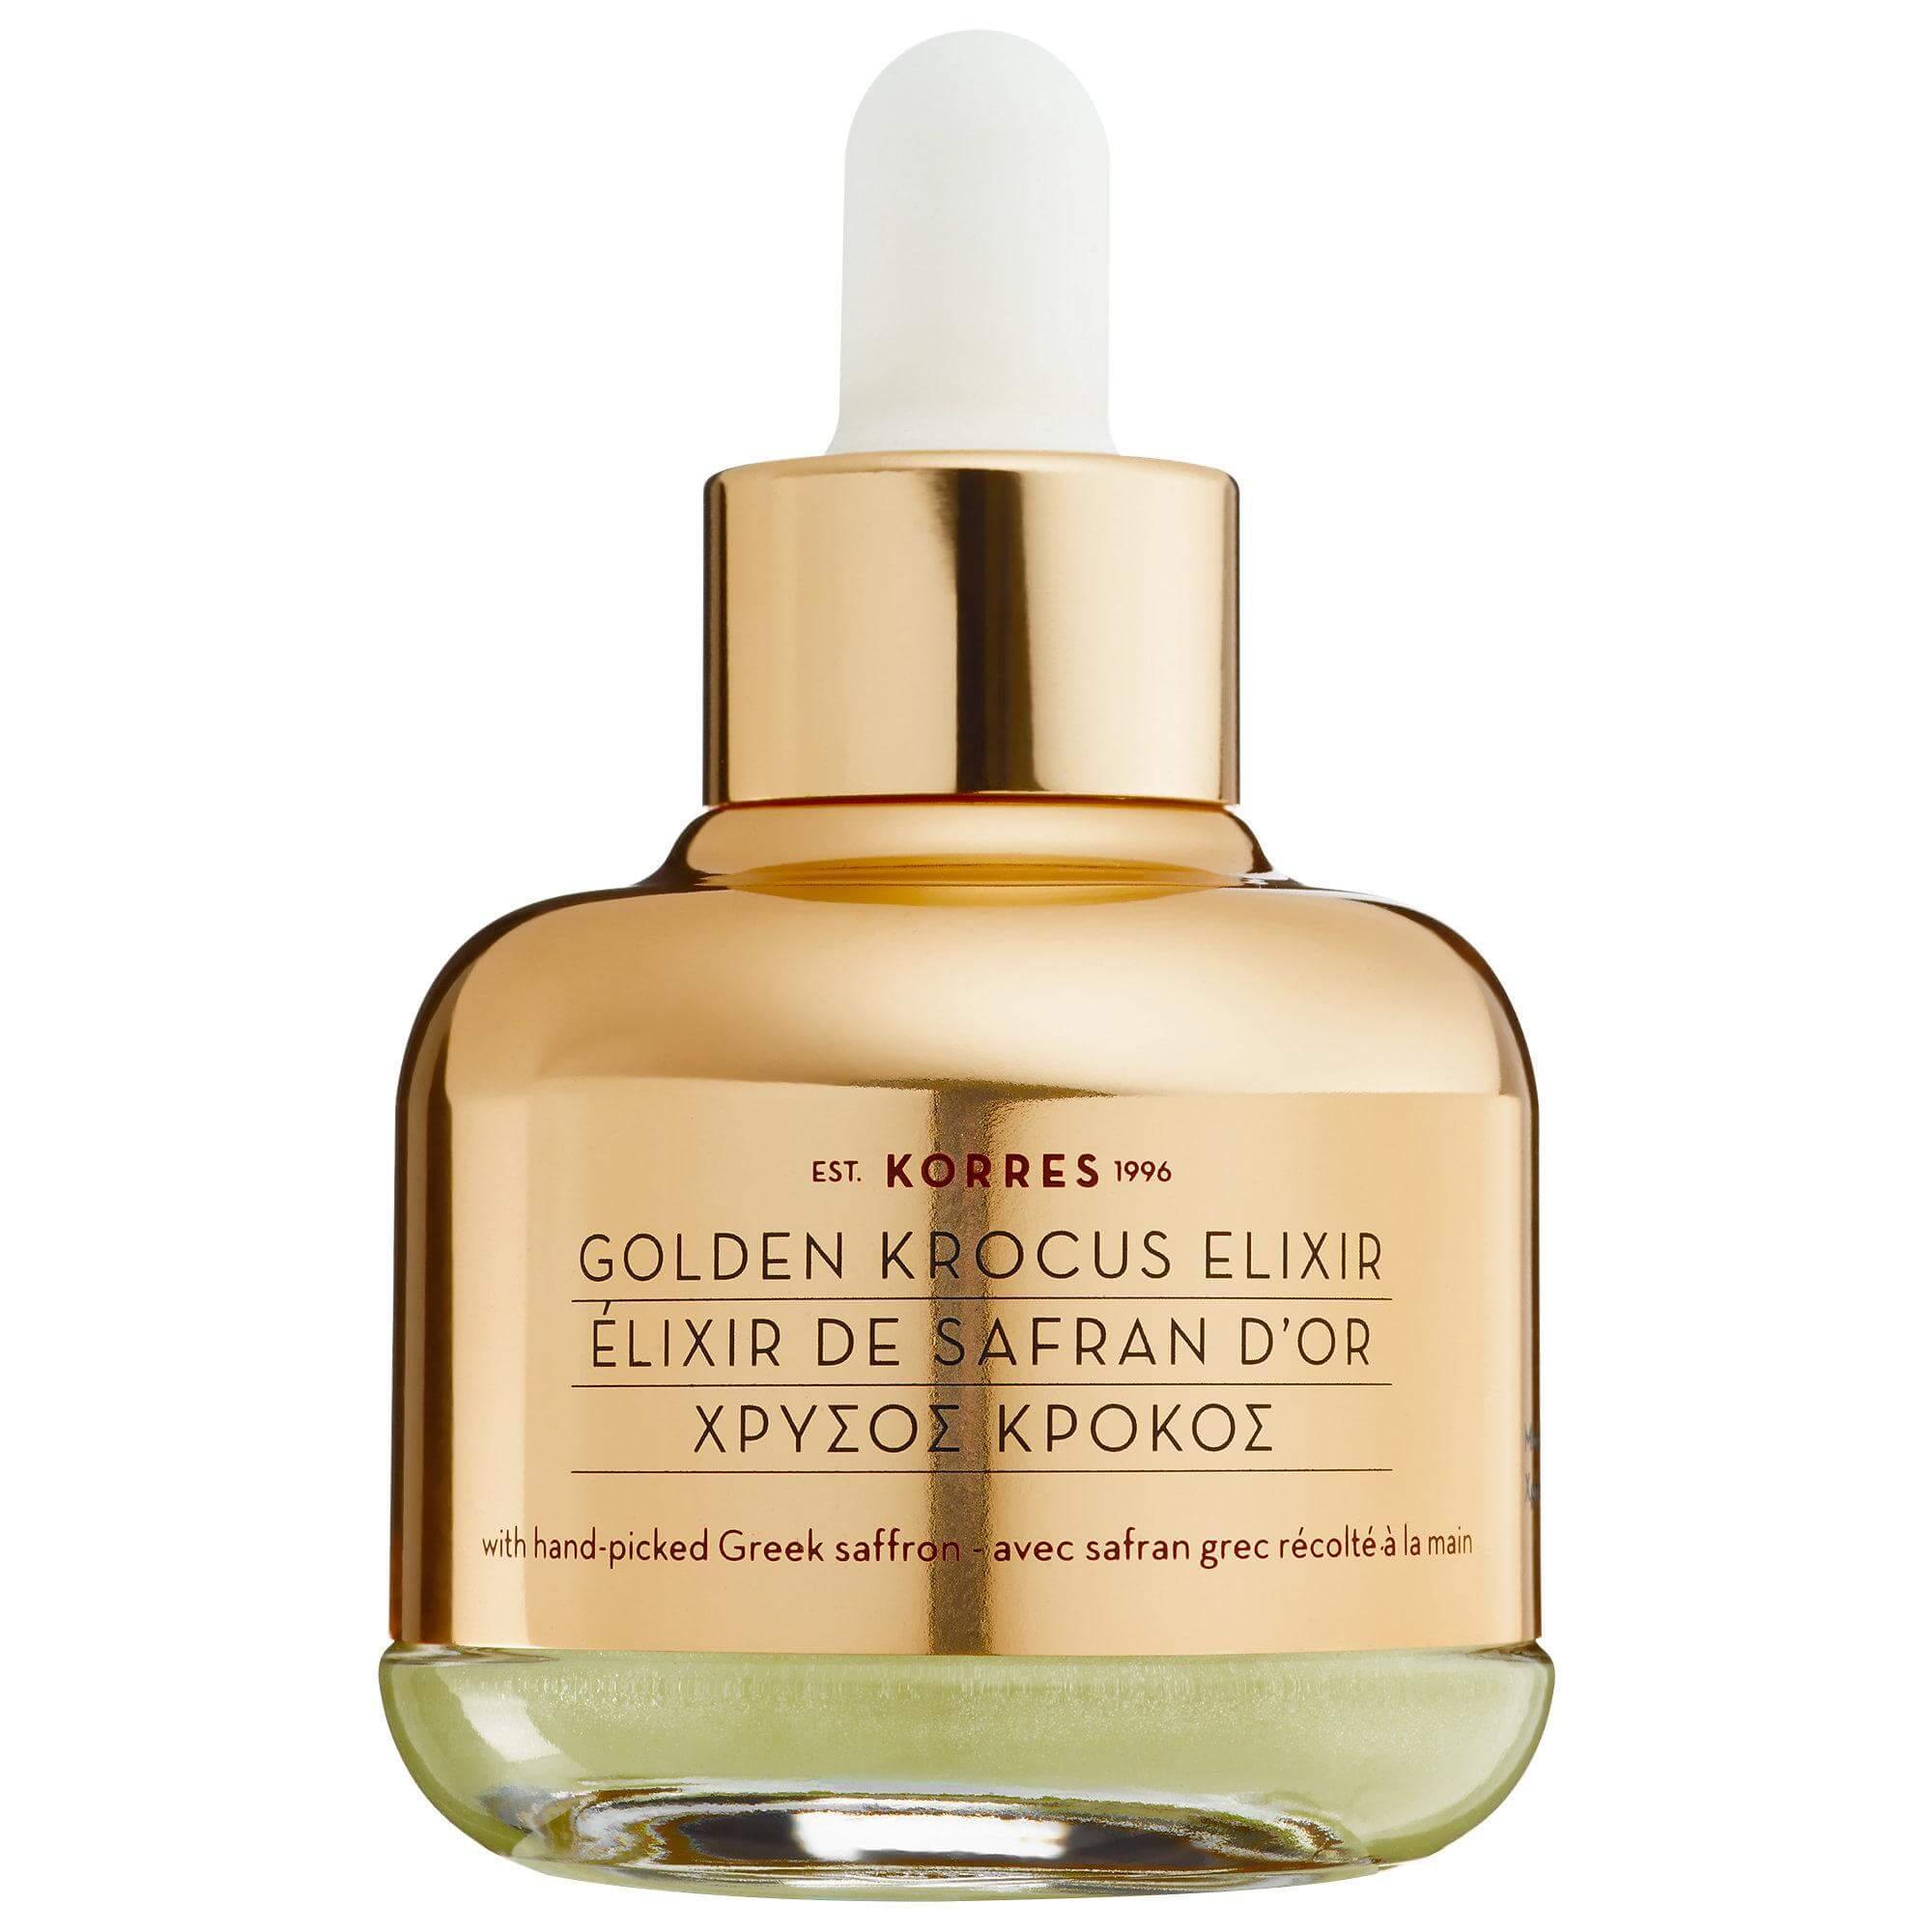 Korres Golden Krocus Elixir, Ελιξήριο Ομορφιάς & Νεότητας με Χρυσό Κρόκο 30ml